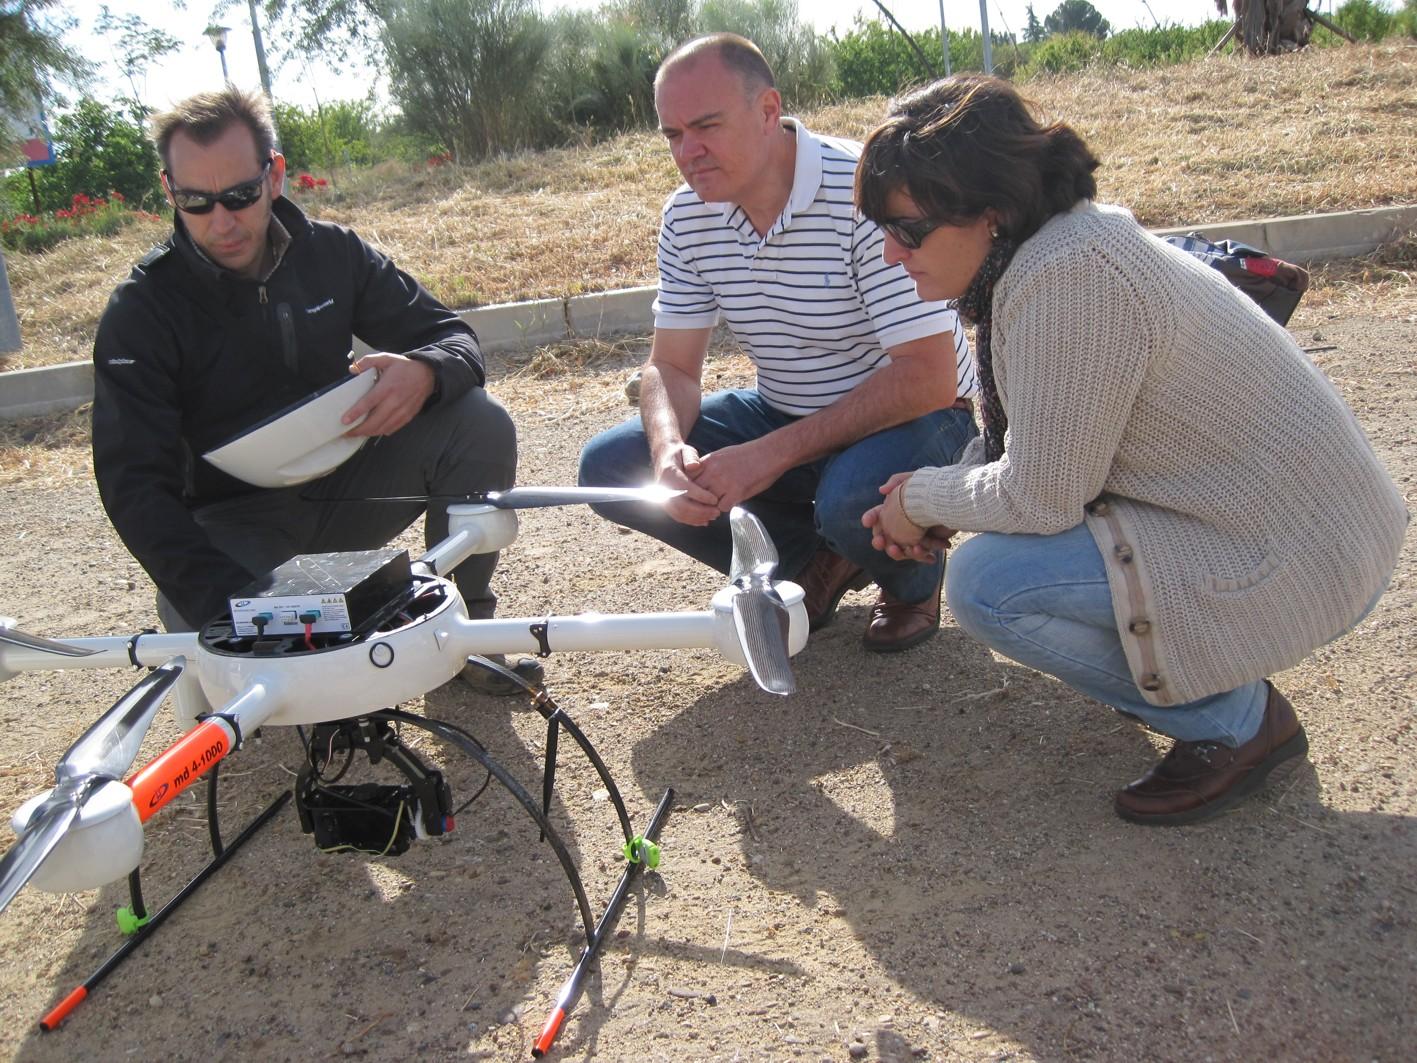 Pruebas de vuelo de plataformas aéreras no tripuladas en un proyecto de I+D+i con la Universidad de Córdoba.